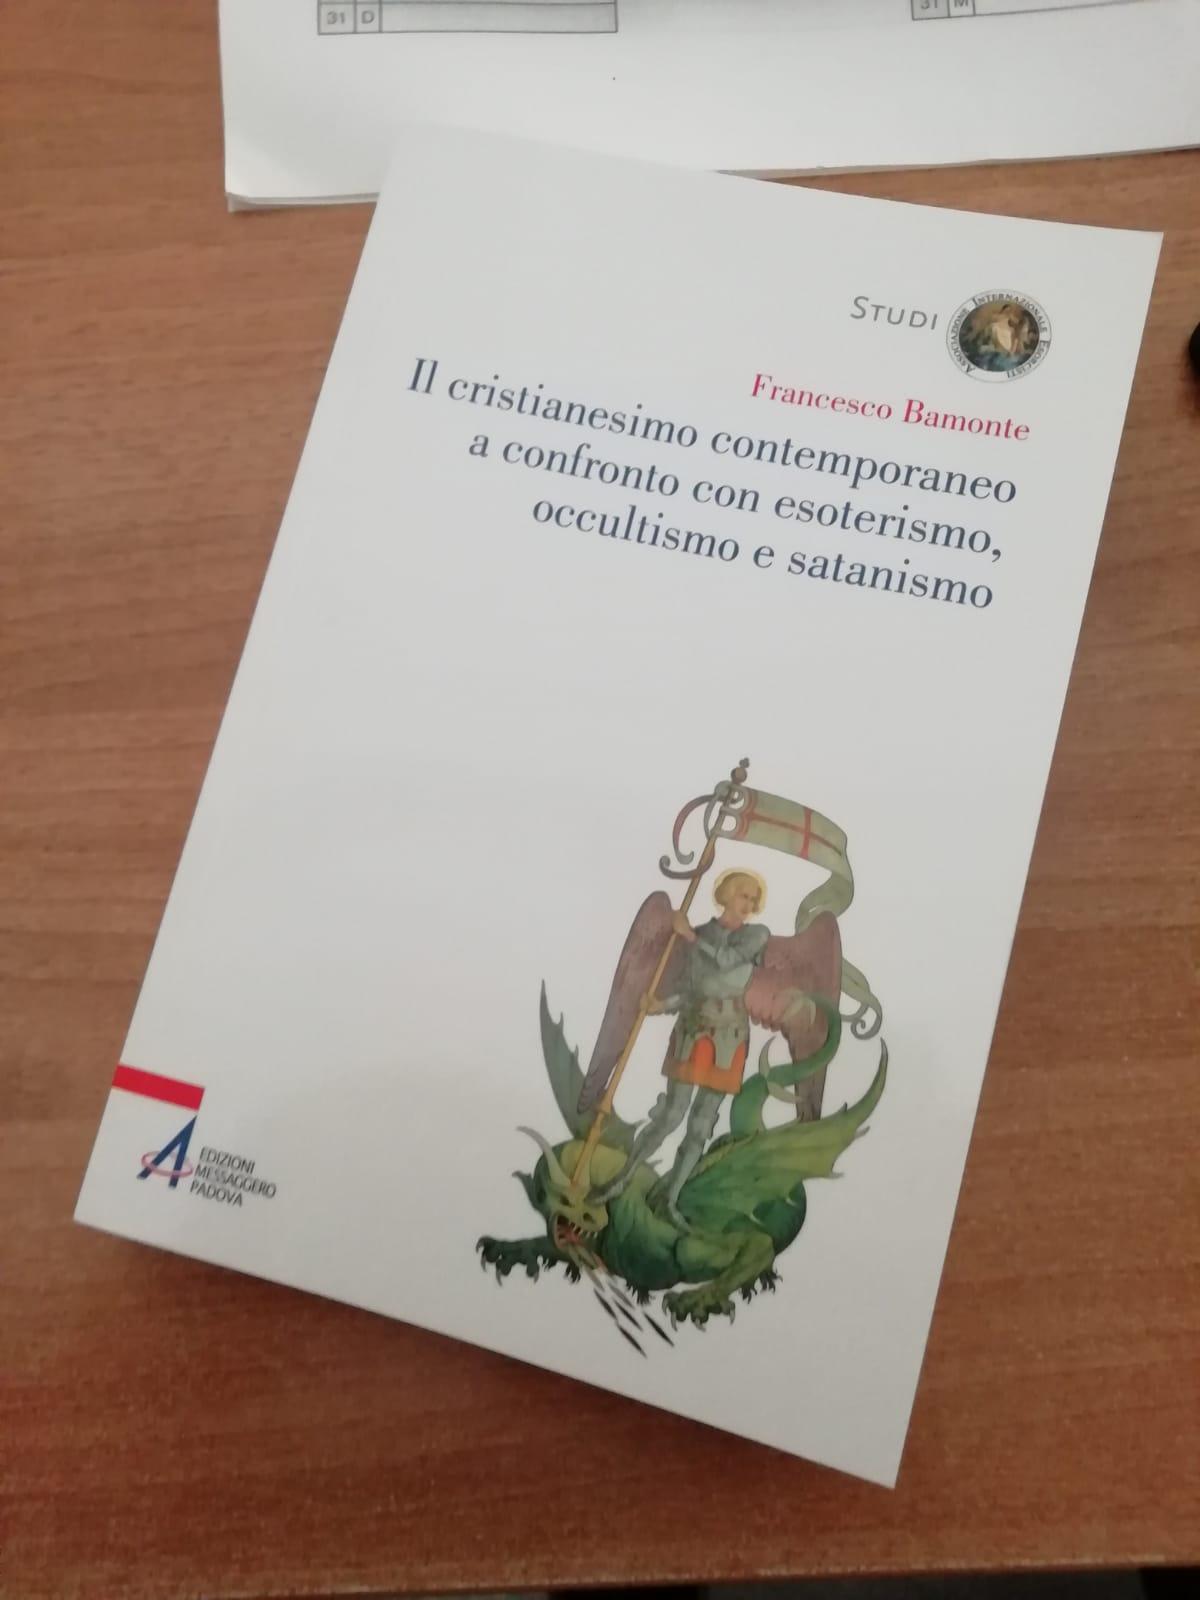 Esoterismo, occultismo e satanismo odierni analizzati da padre Francesco Bamonte